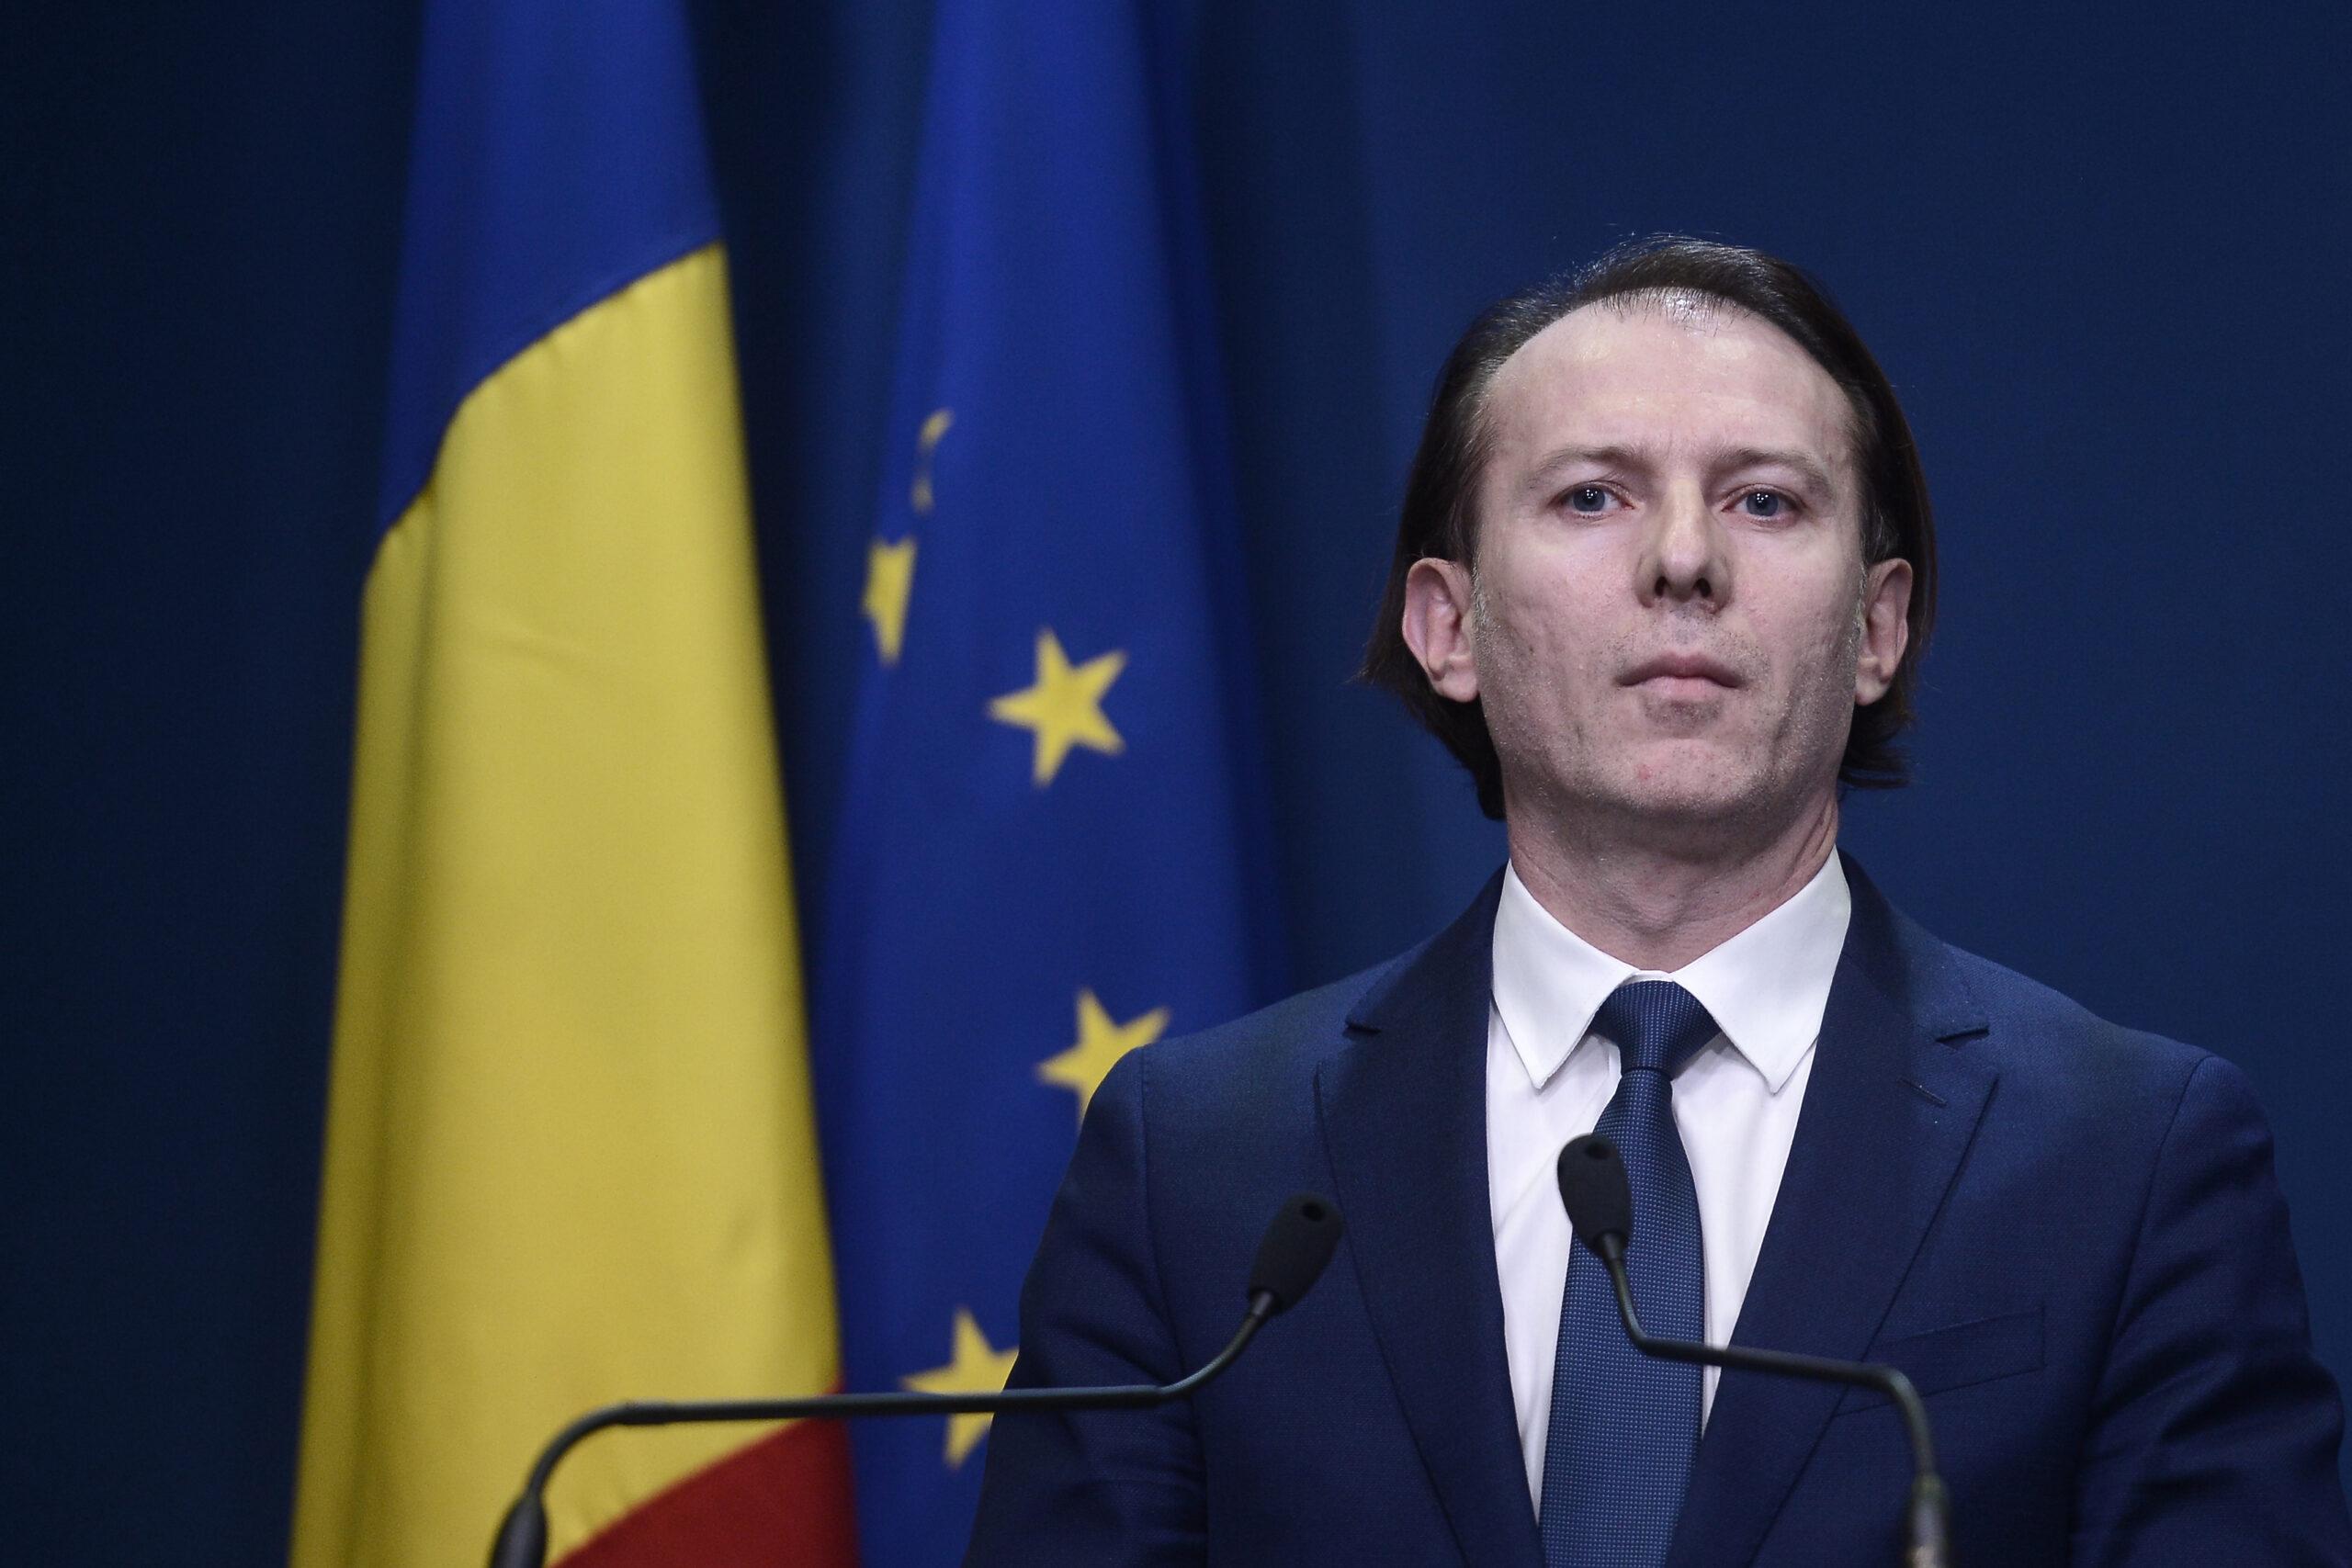 Veste bună pentru datornicii cu rate la bănci. Premierul a făcut anunțul așteptat de mulți români